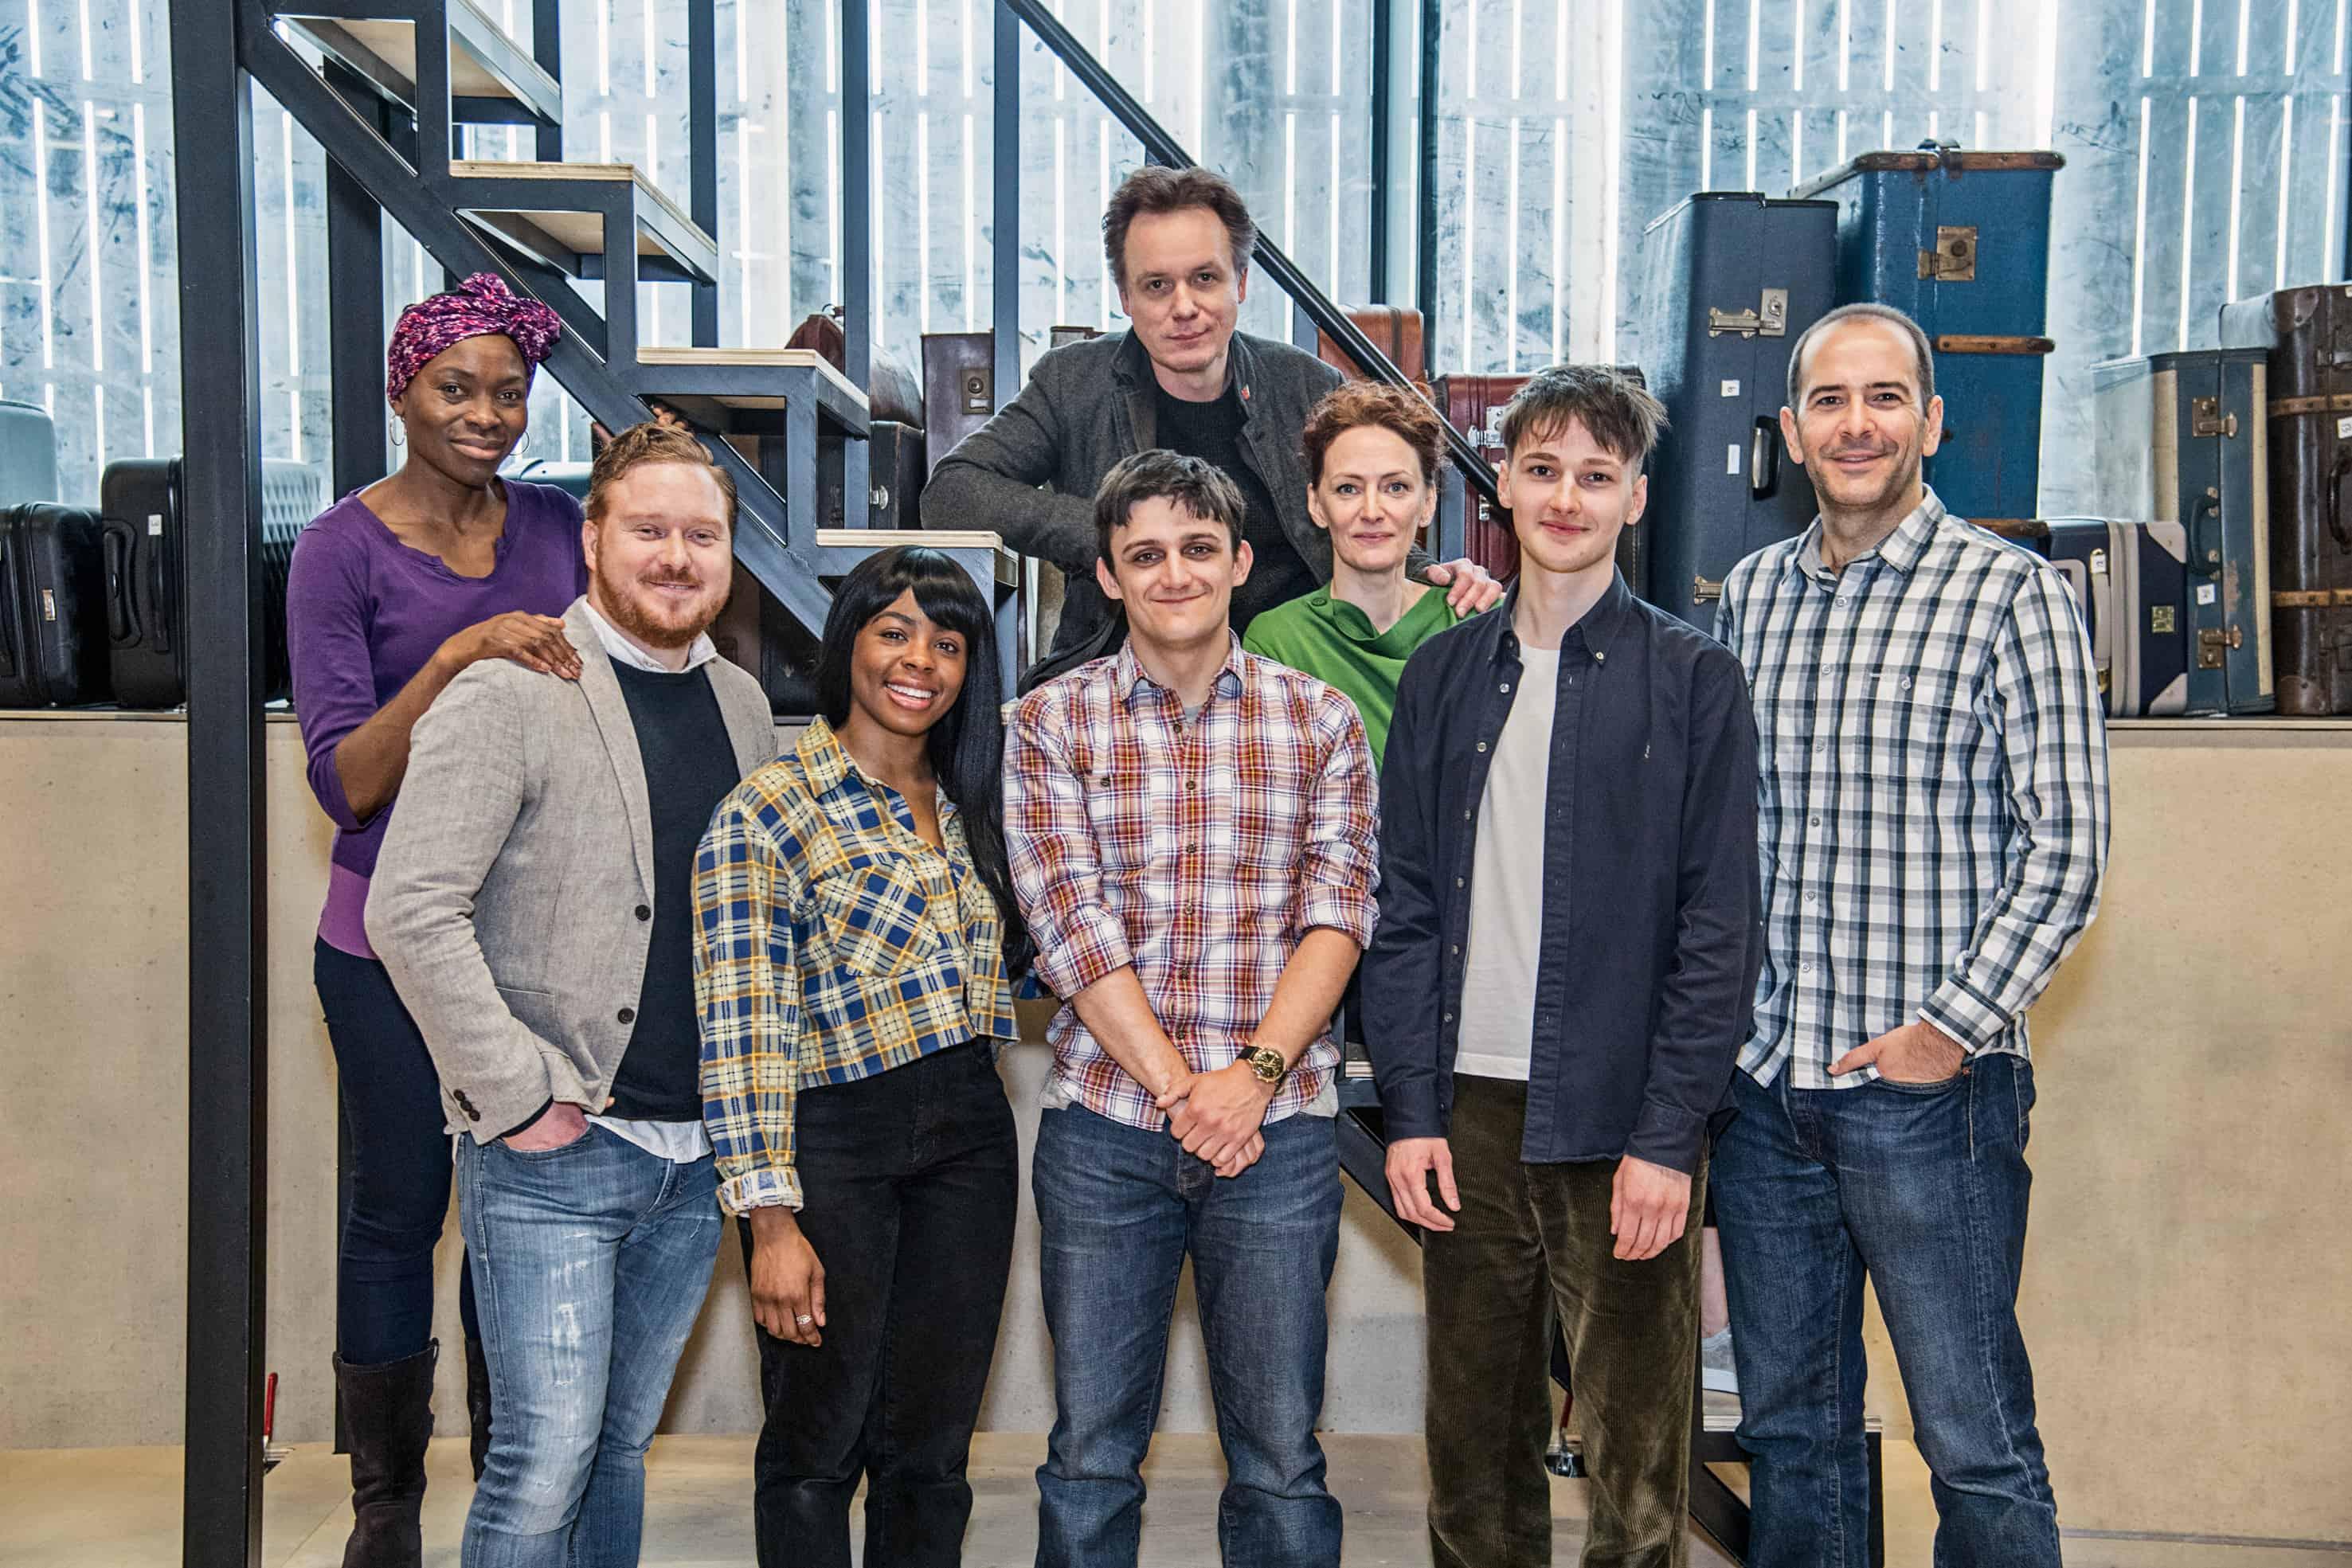 A foto mostra os oito protagonistas de Harry Potter and the Cursed Child sorrindo para a câmera.